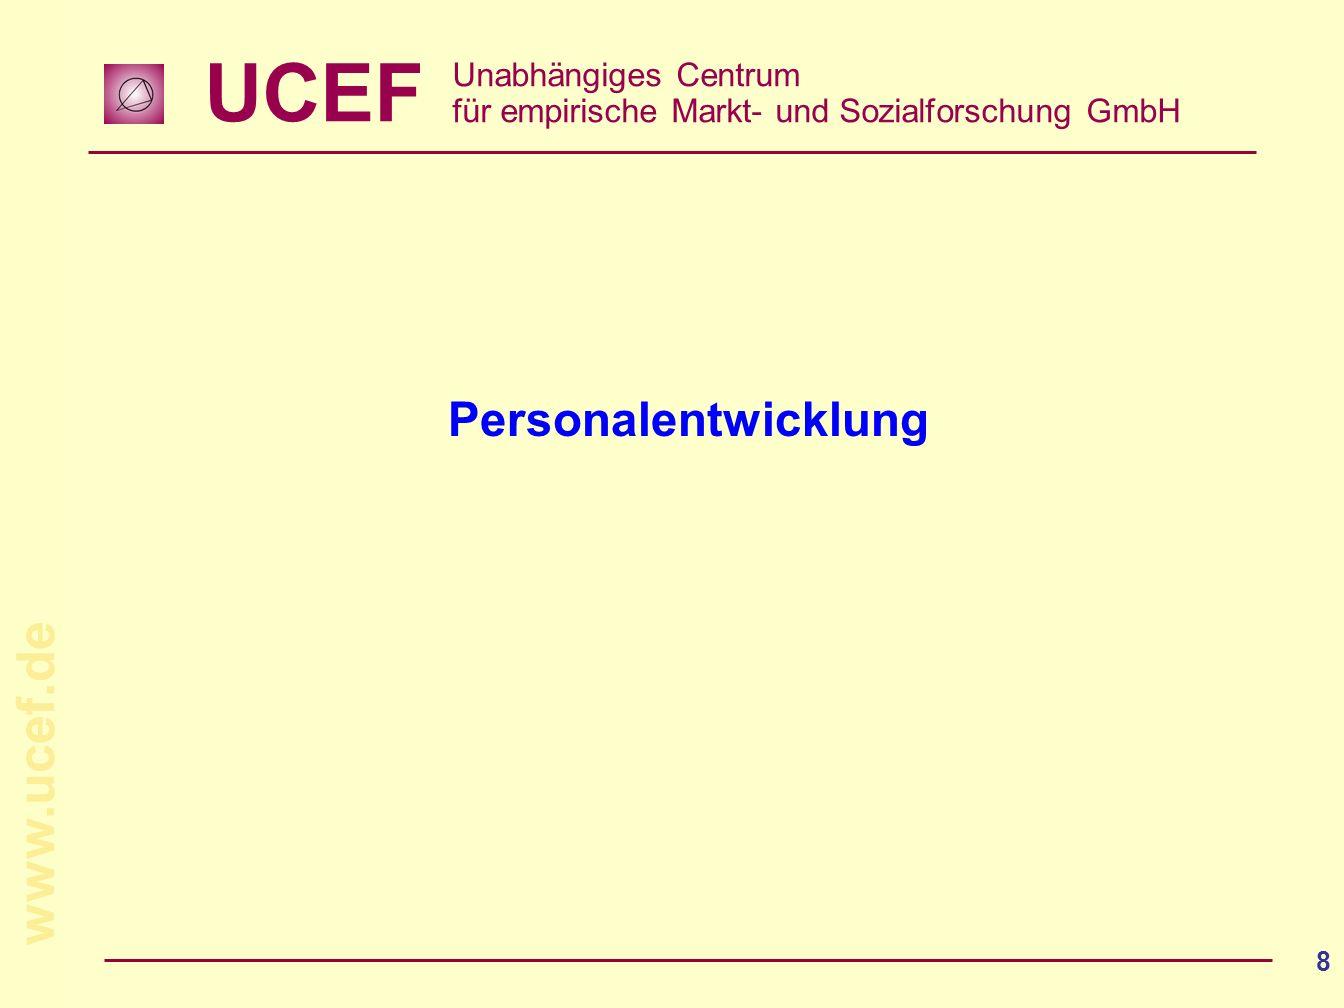 UCEF Unabhängiges Centrum für empirische Markt- und Sozialforschung GmbH www.ucef.de 8 Personalentwicklung